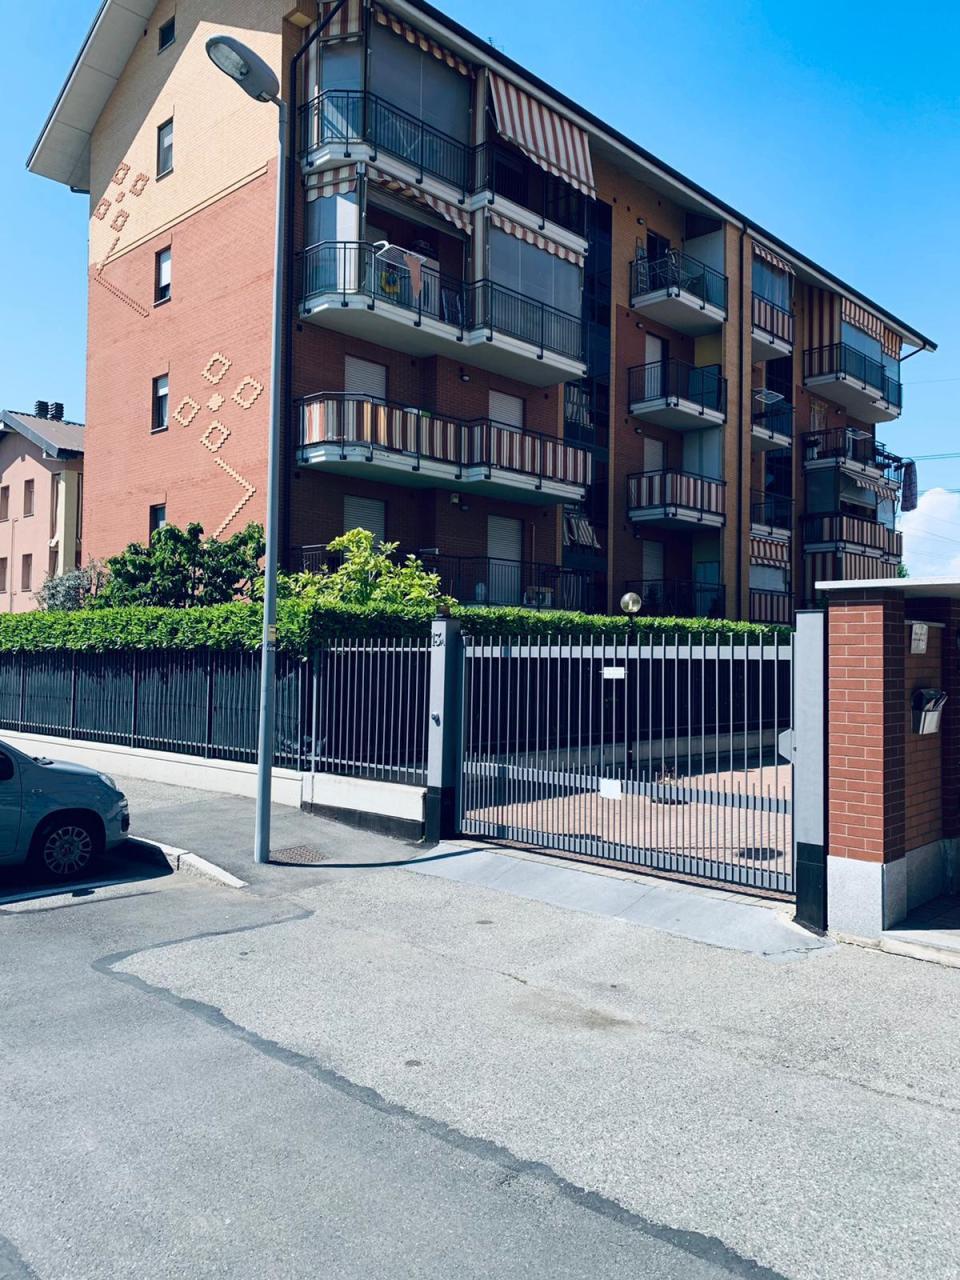 Attico / Mansarda in vendita a Venaria Reale, 2 locali, prezzo € 135.000   PortaleAgenzieImmobiliari.it